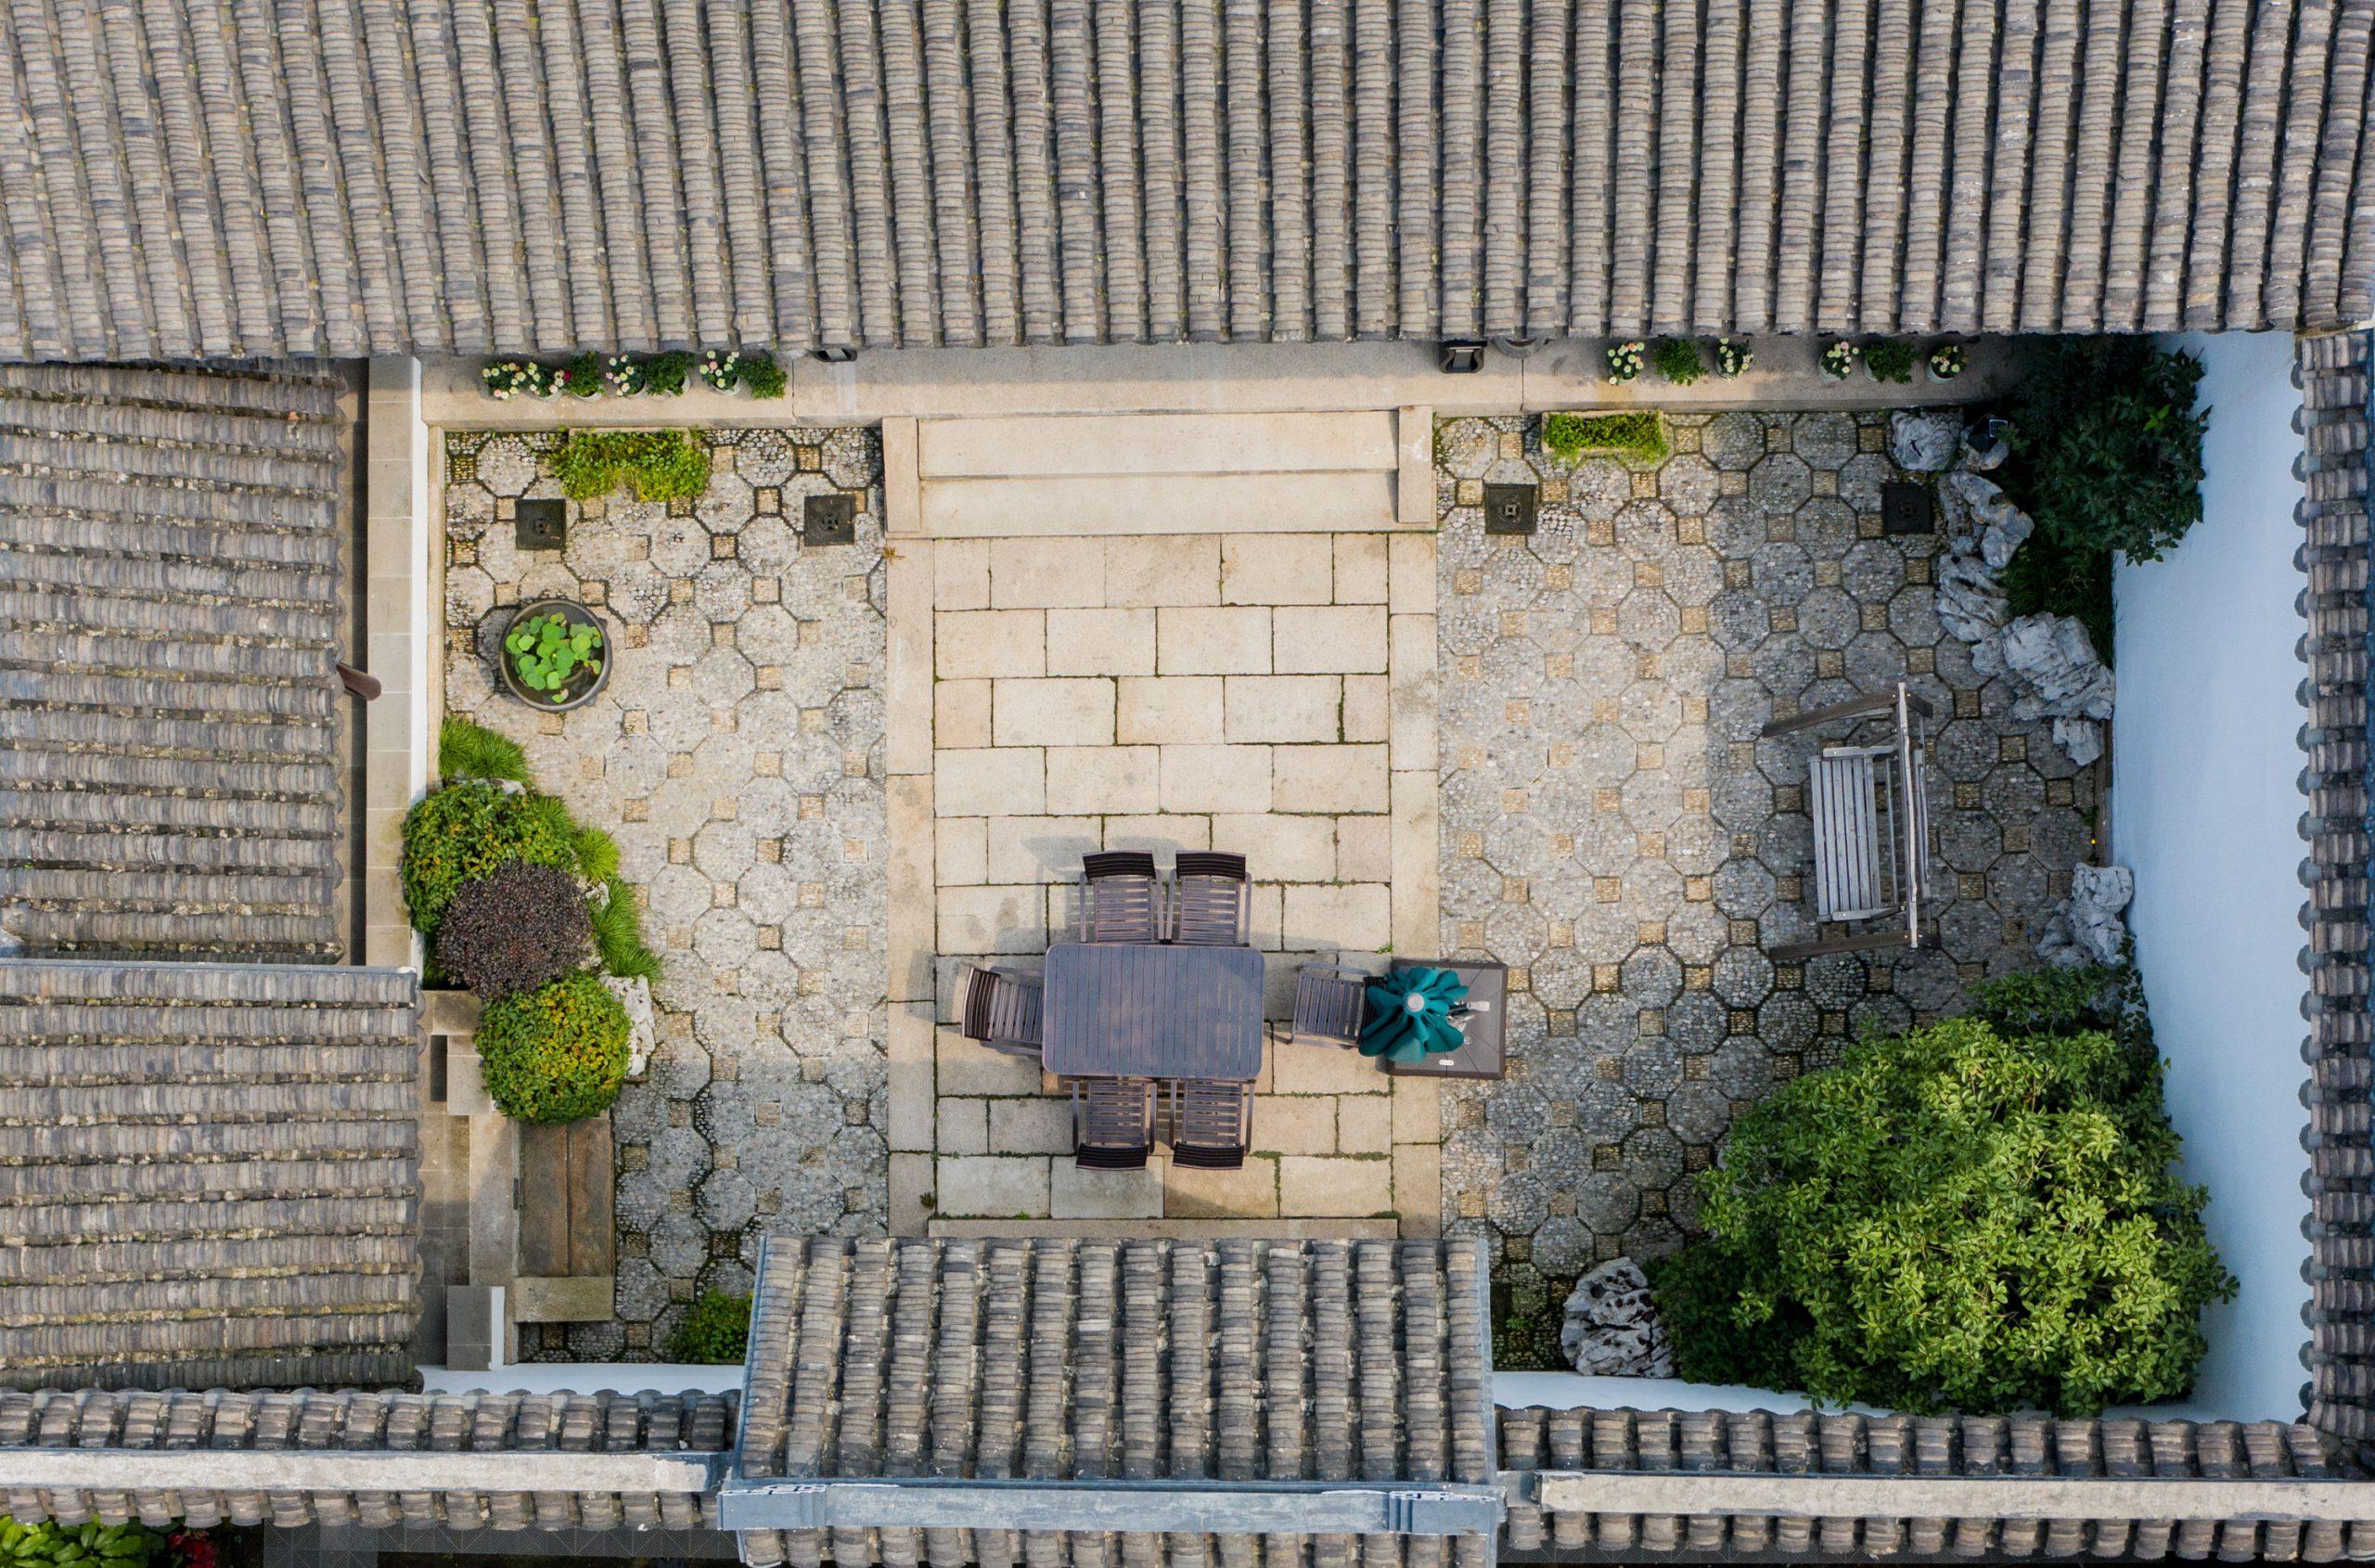 CHINA-JIANGSU-SUZHOU-HOMESTAY (CN)